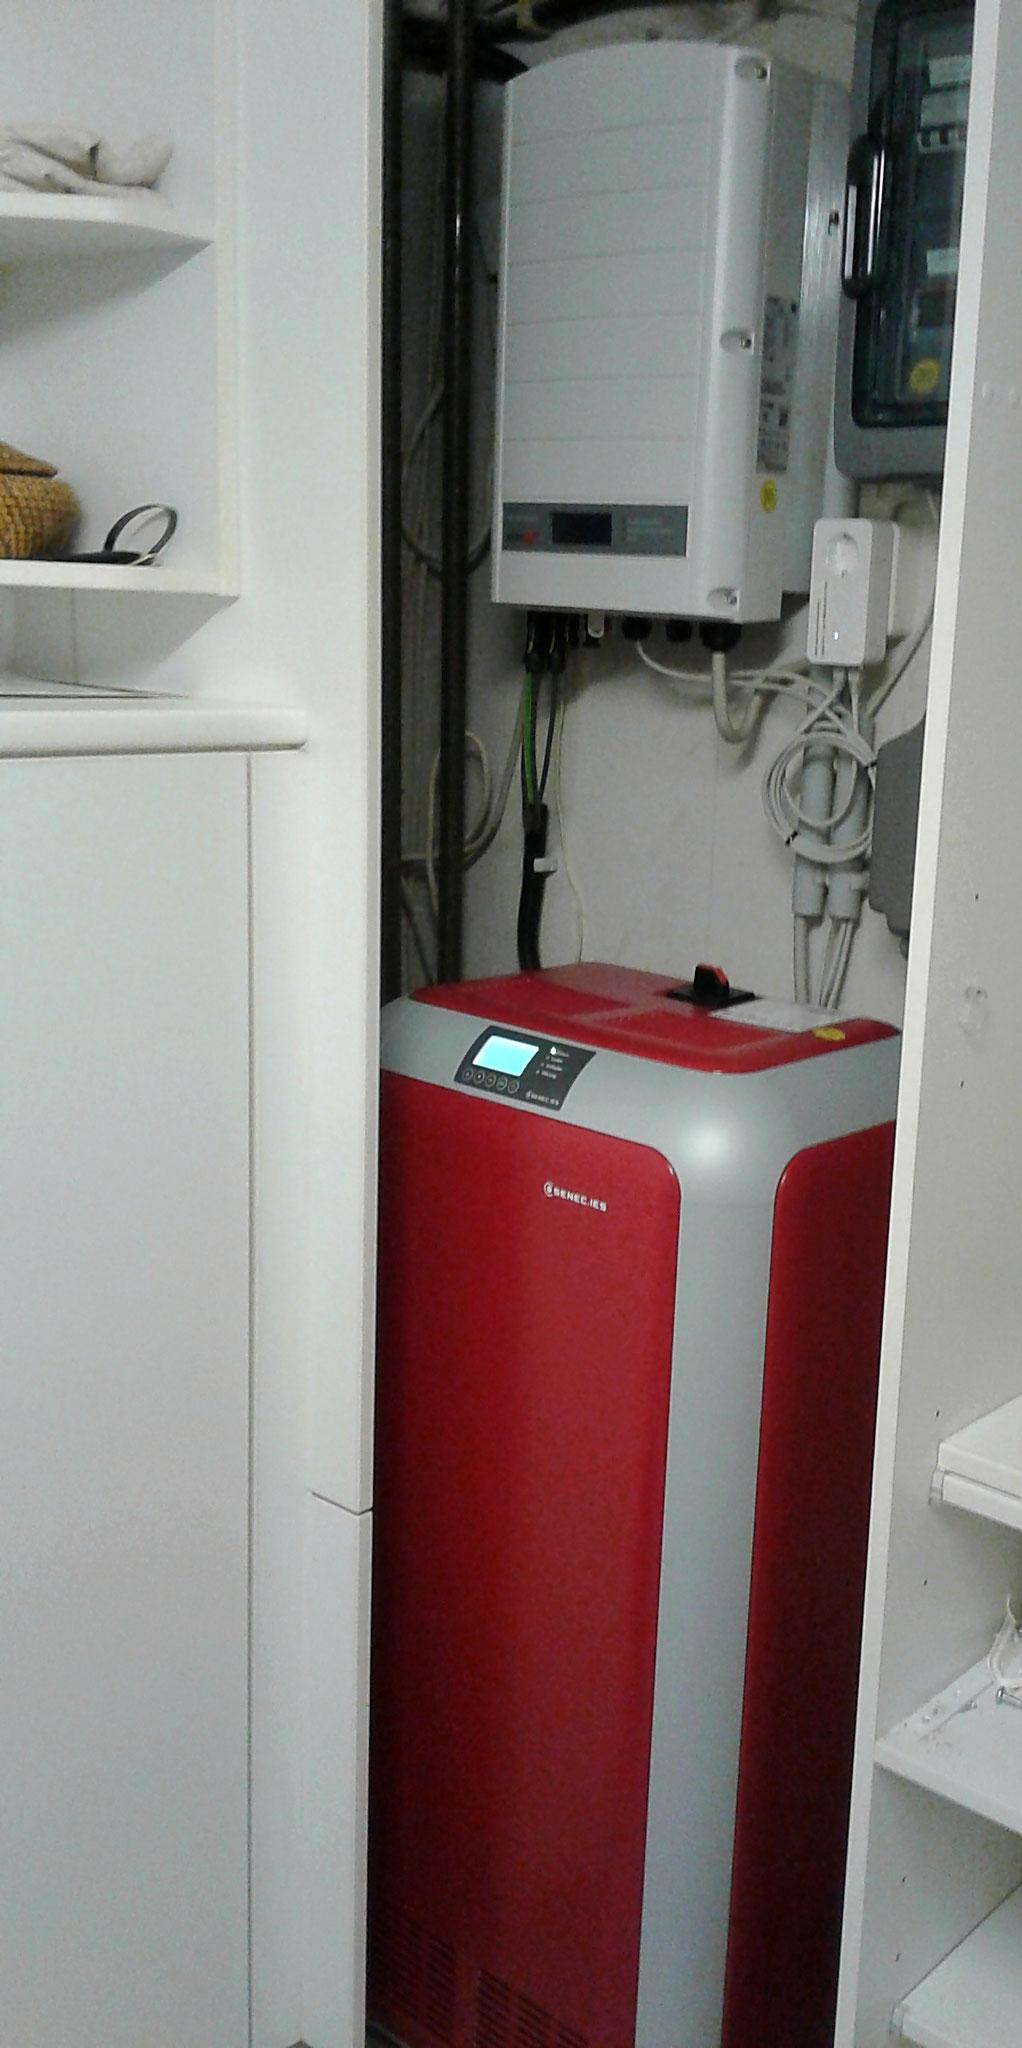 7,5 kWh Li Senec Speicher inkl. Senec.Cloud 2.0 in Kombination mit einer Sunpower PV-Anlage in Berlin Rudow